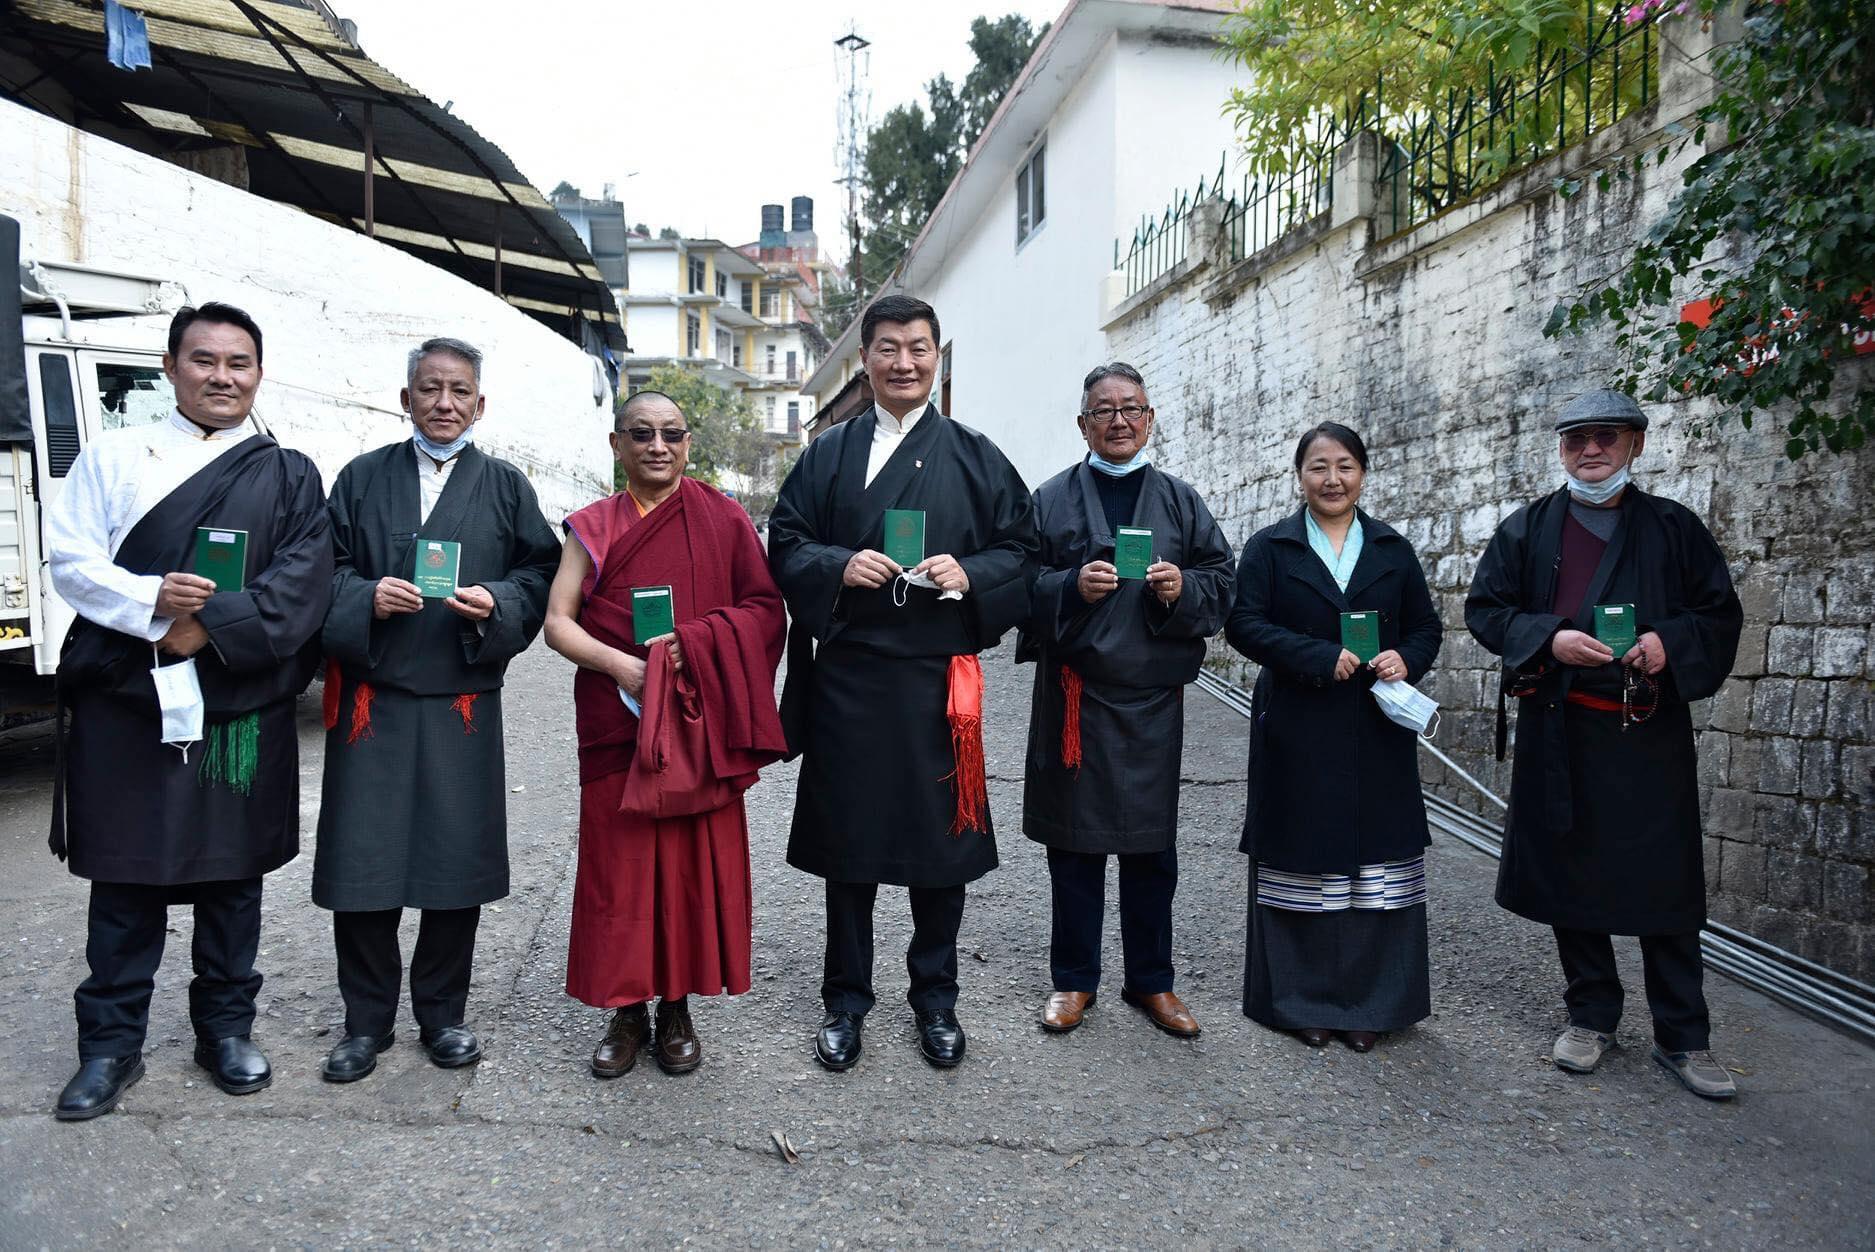 流亡藏人预选已顺利完成,司政:藏人定会选择民主